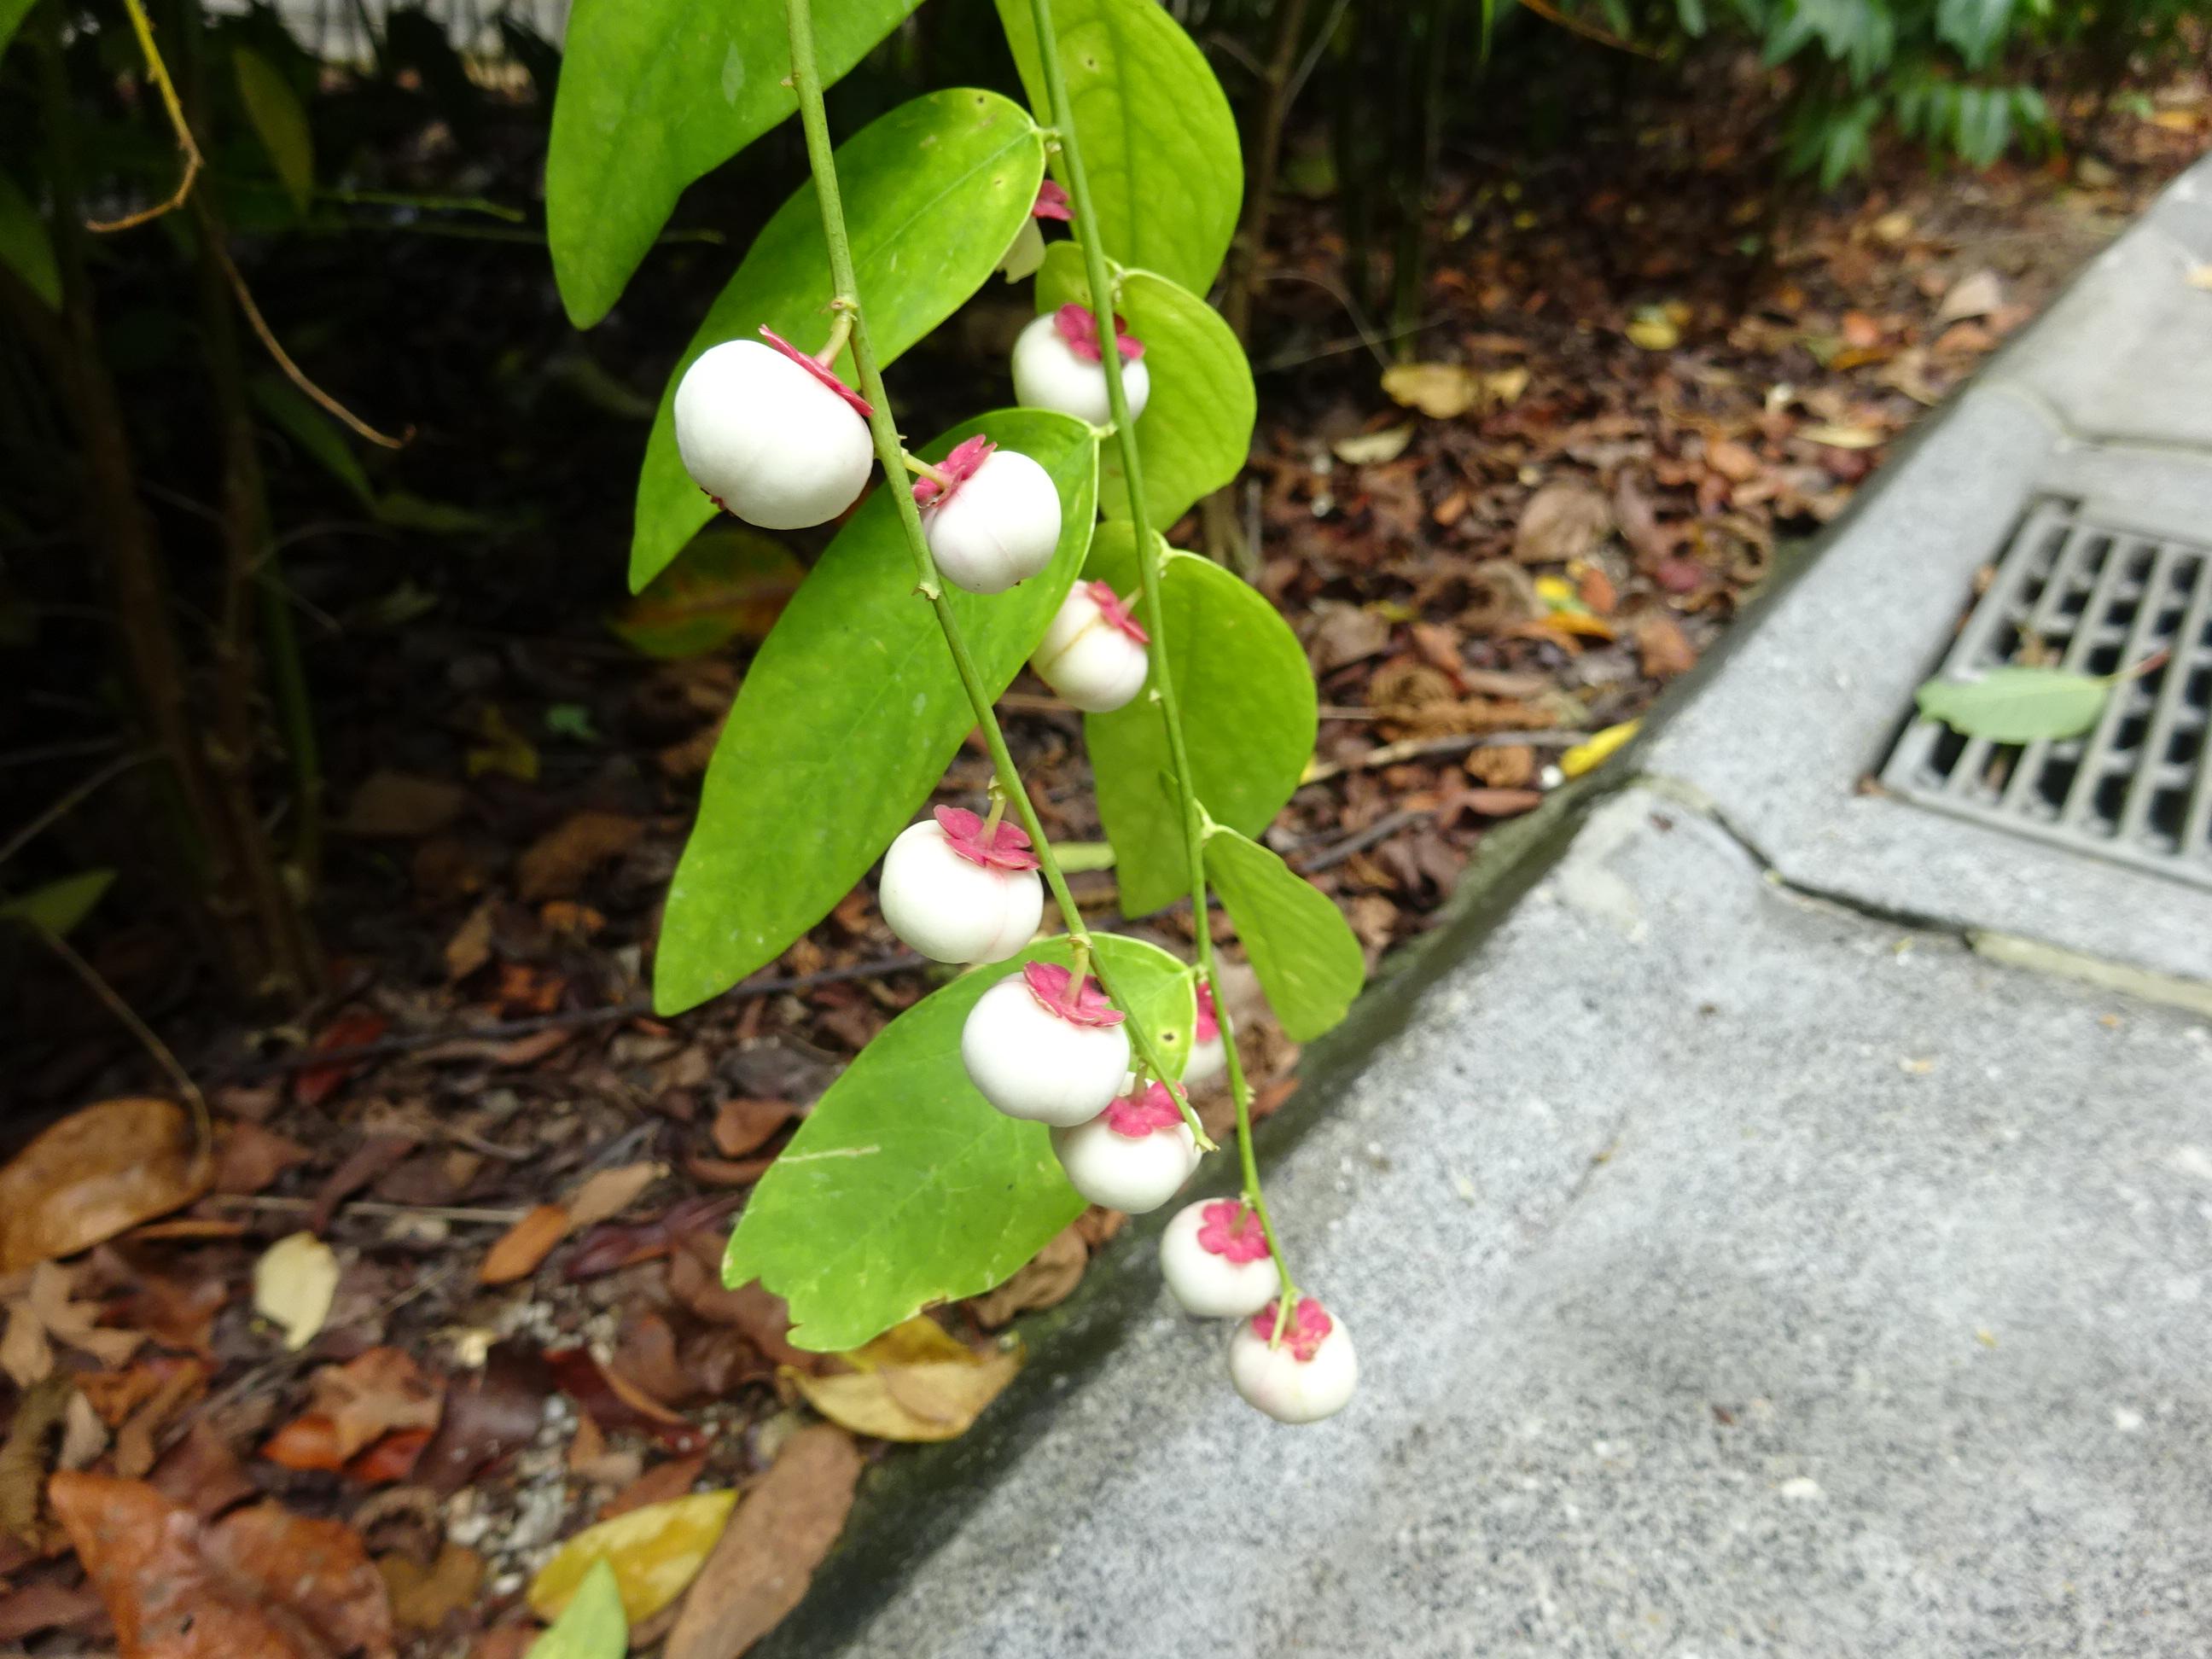 シンガポール植物園(ボタニック ガーデンズ)の鈴なりの白い実